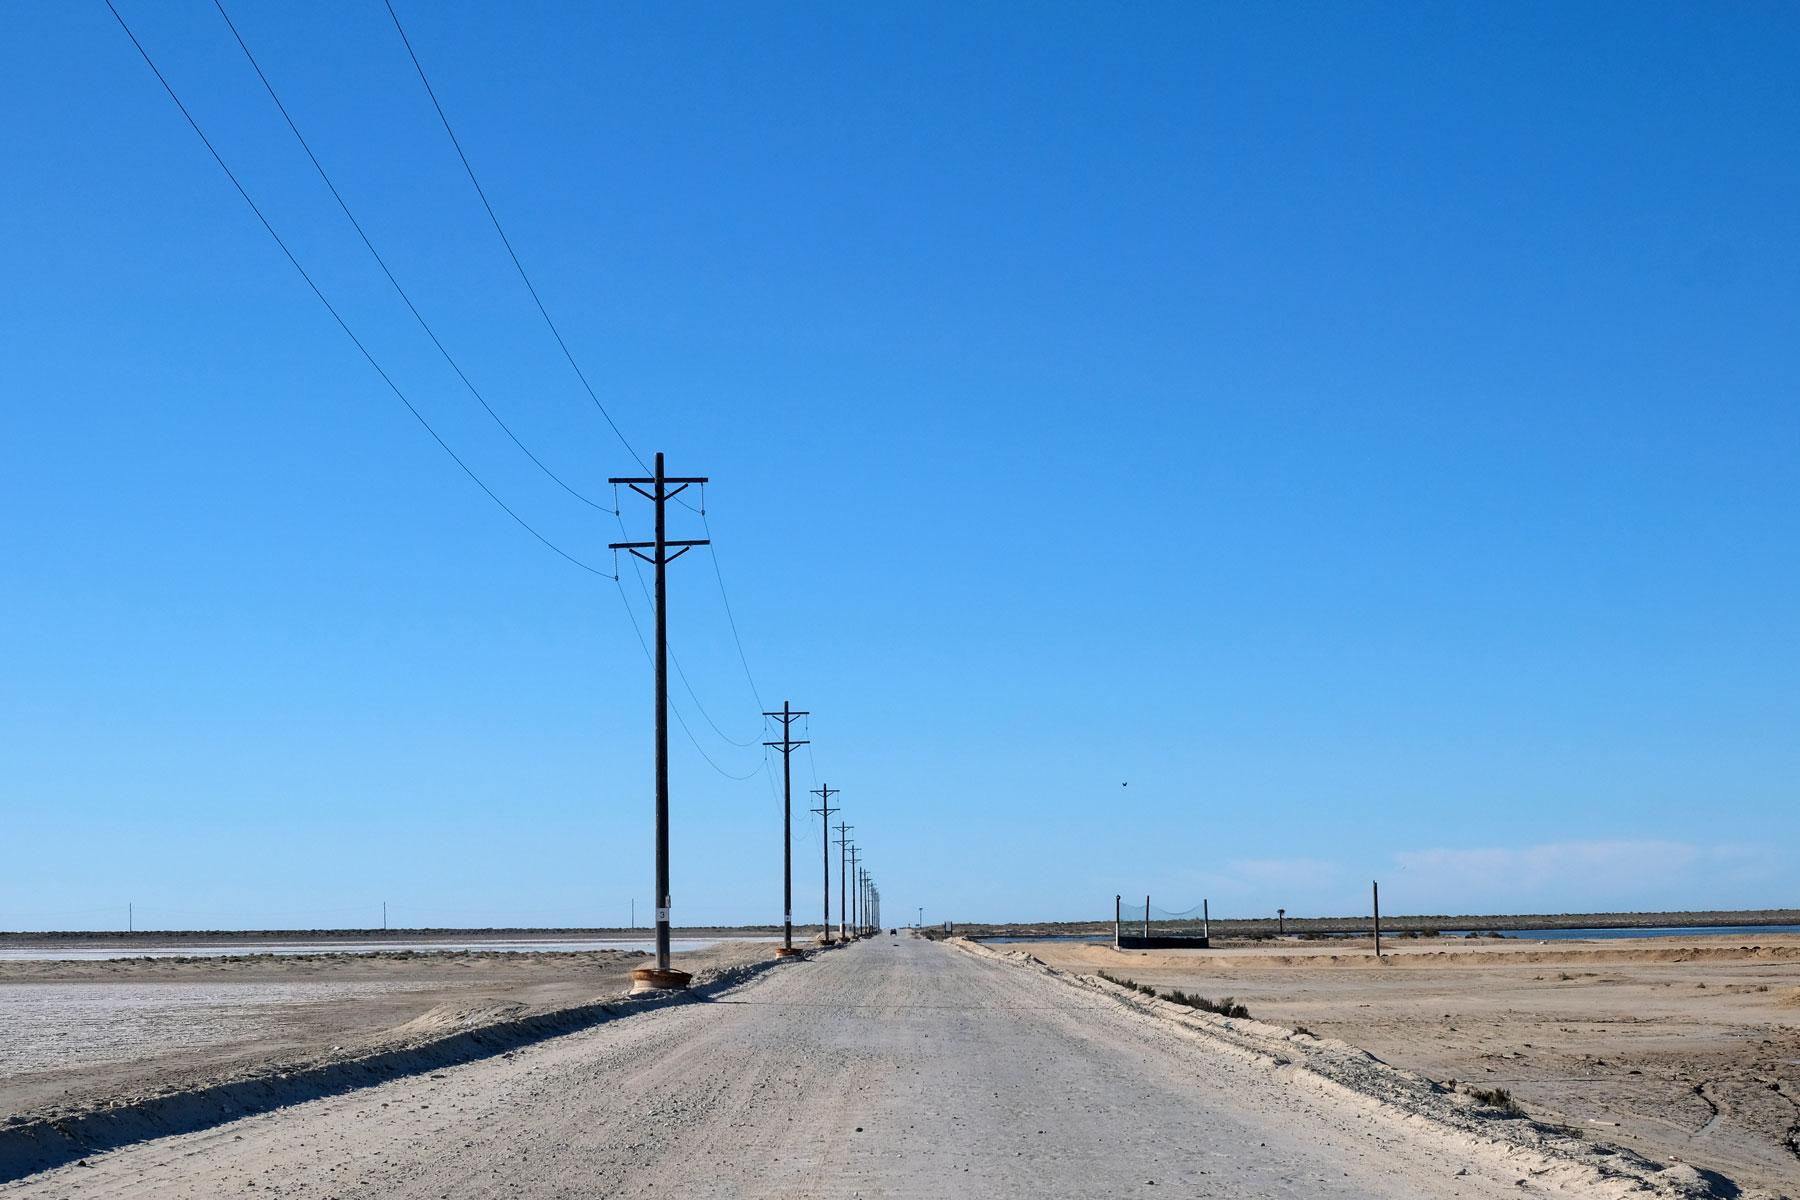 Guerrero Negro in Mexiko liegt inmitten einer kargen Landschaft.